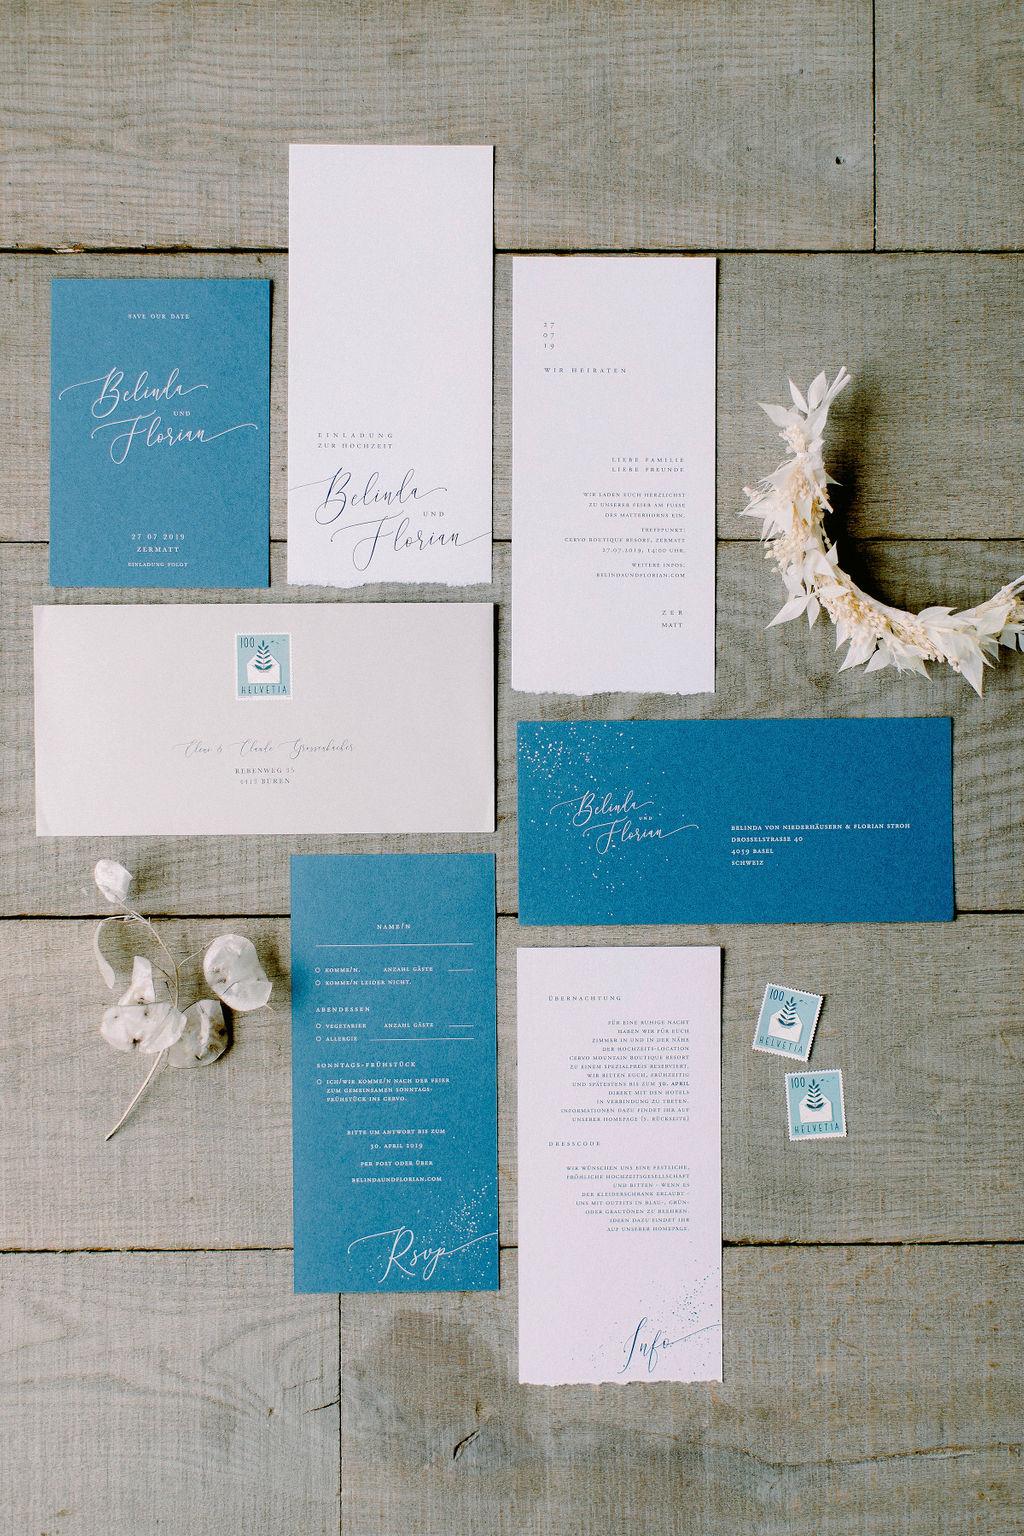 Belinda-Florian-Wedding-2019-SneakPeek-5.jpg